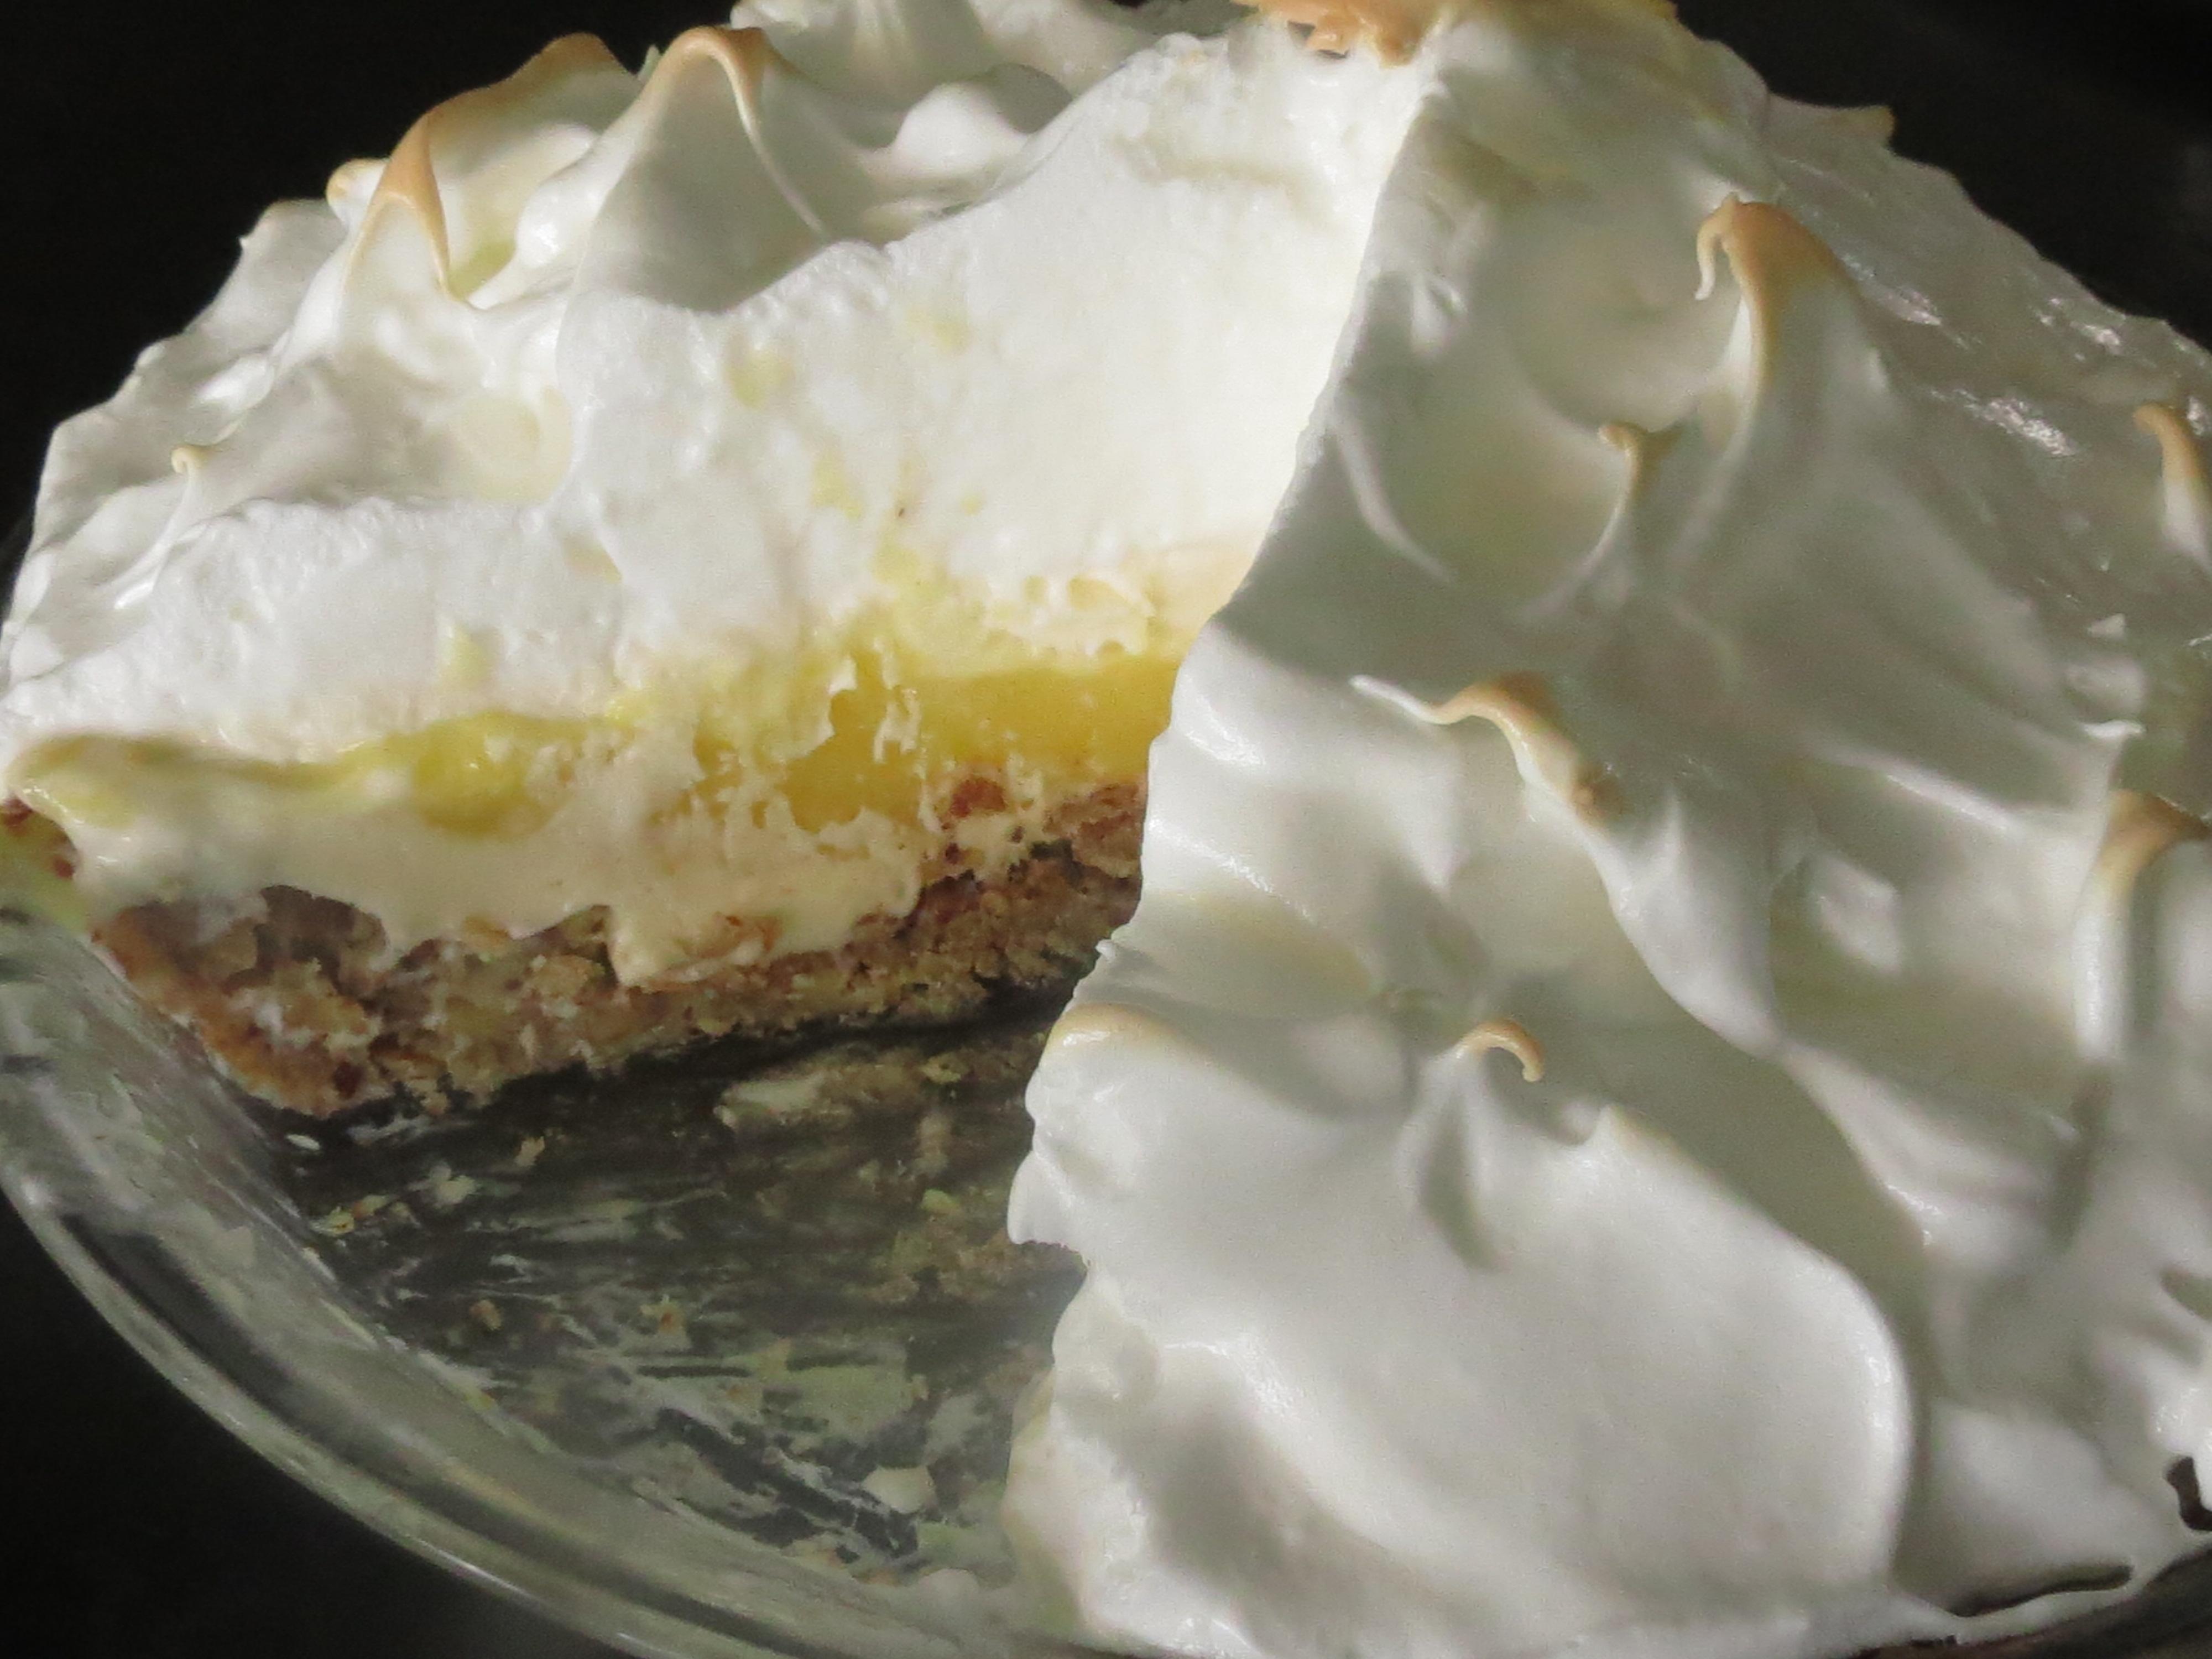 ... mini lemon meringue lemon meringue shortbread lemon meringue pie